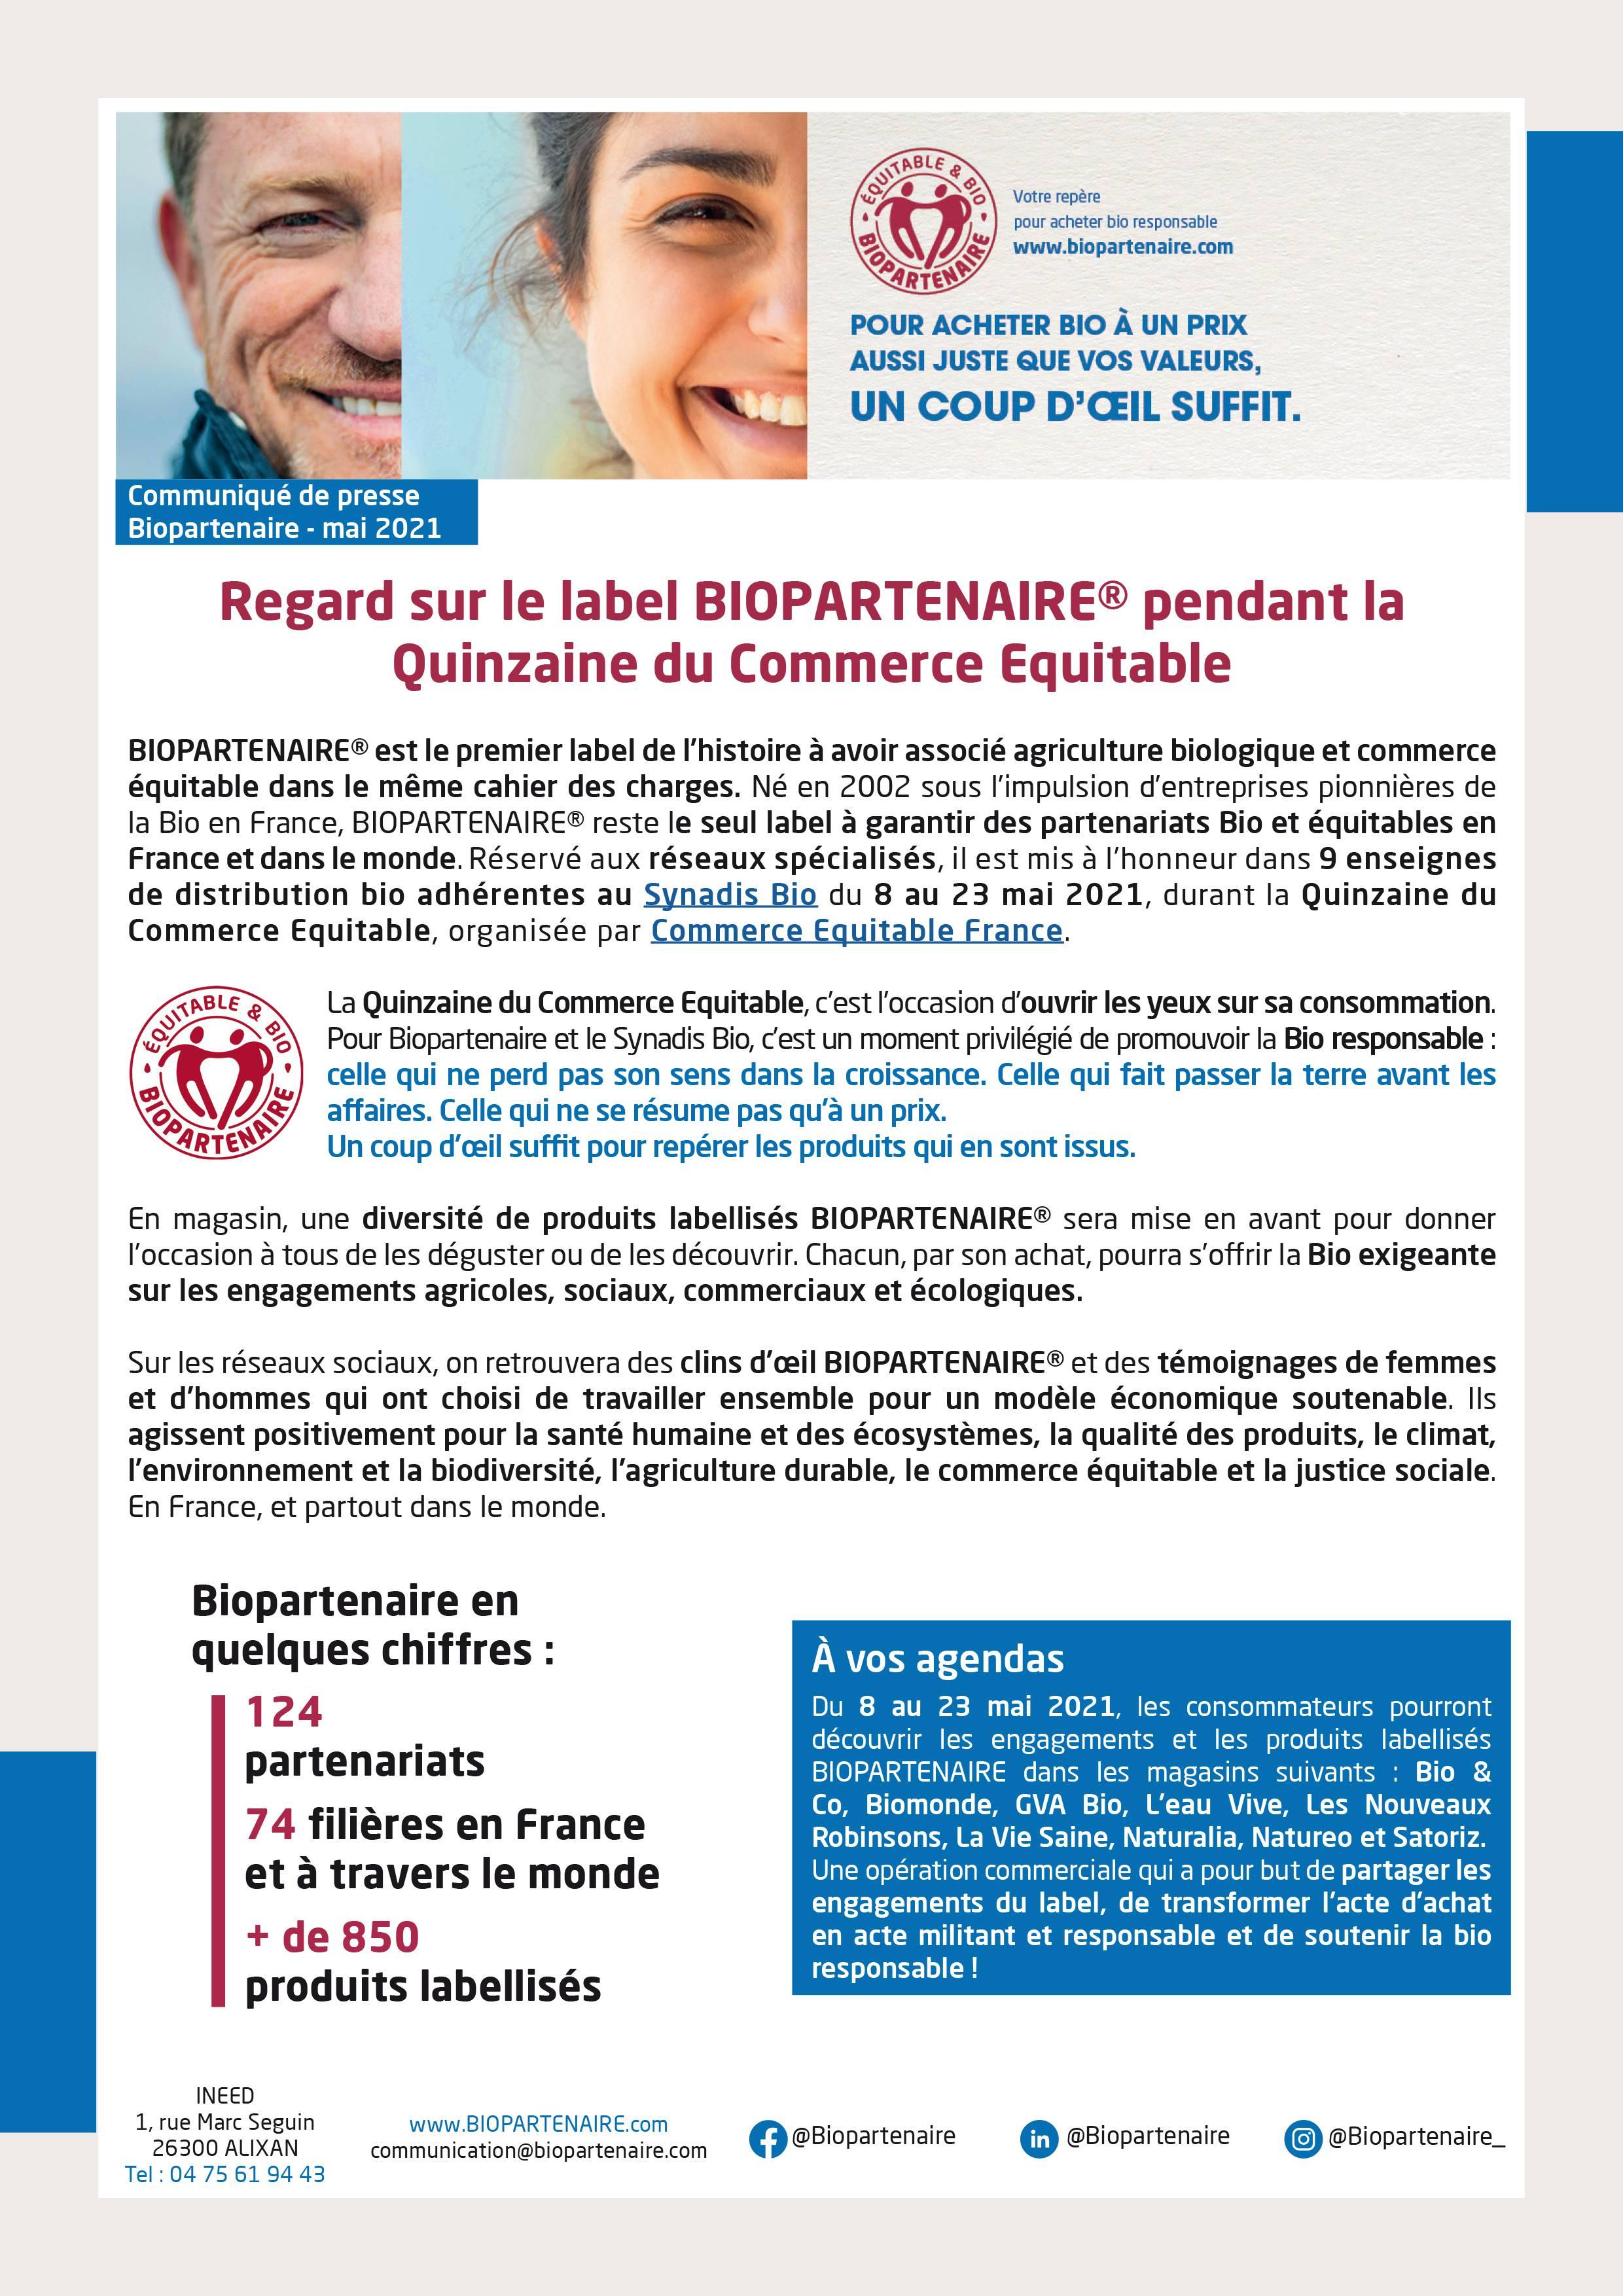 Communique-presse-commerciale-Biopartenaire-2021